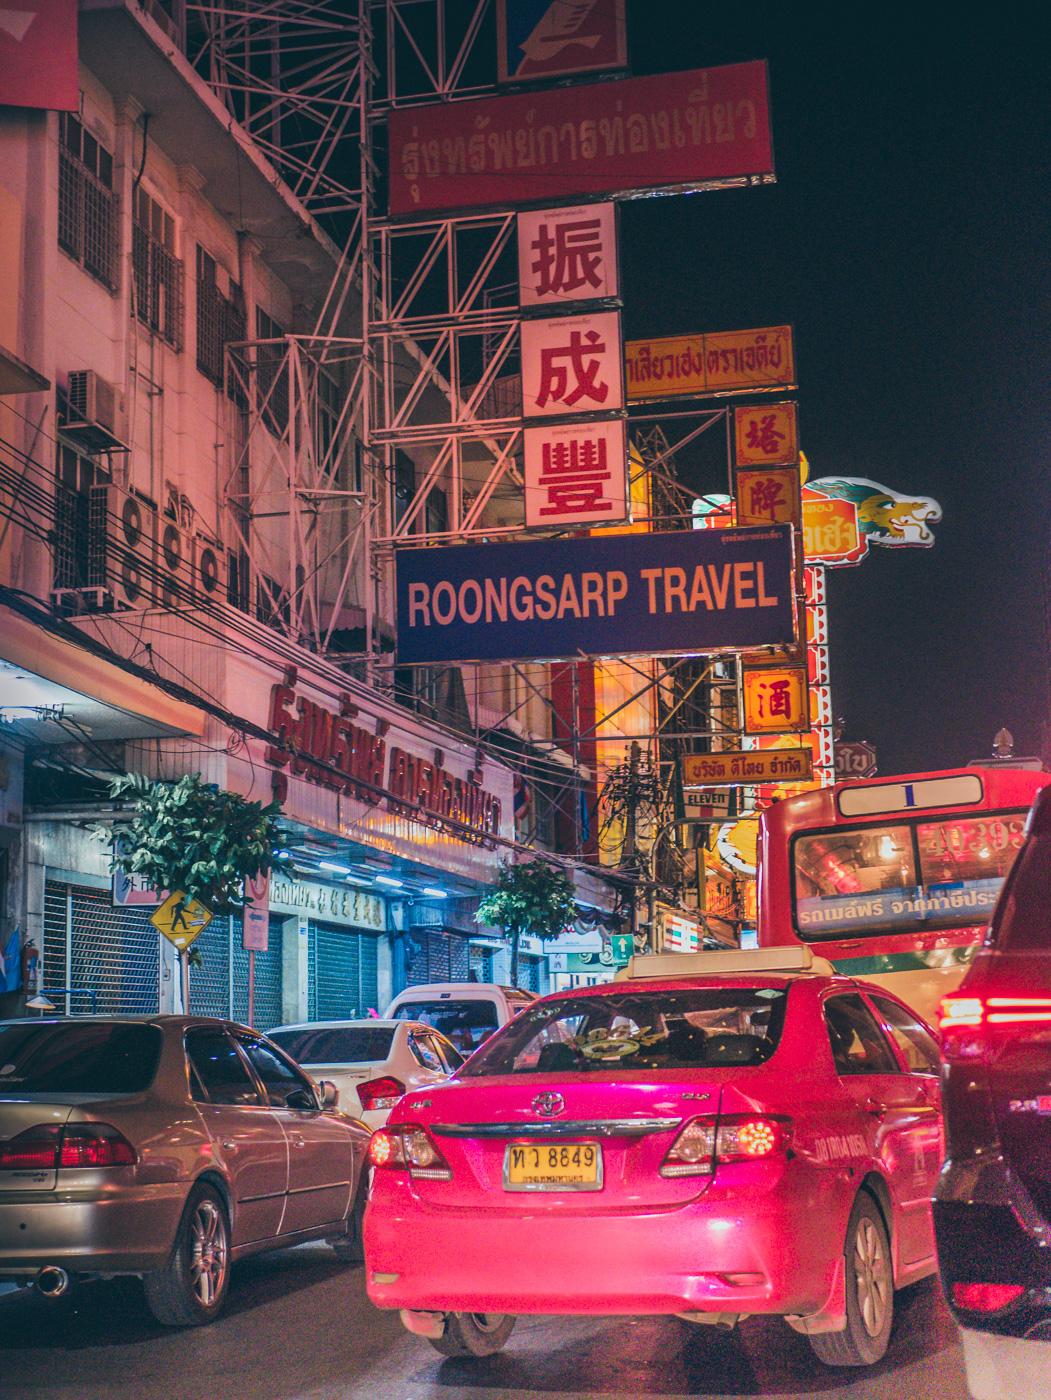 Thailand 24 hours in Bangkok Tuk tuk